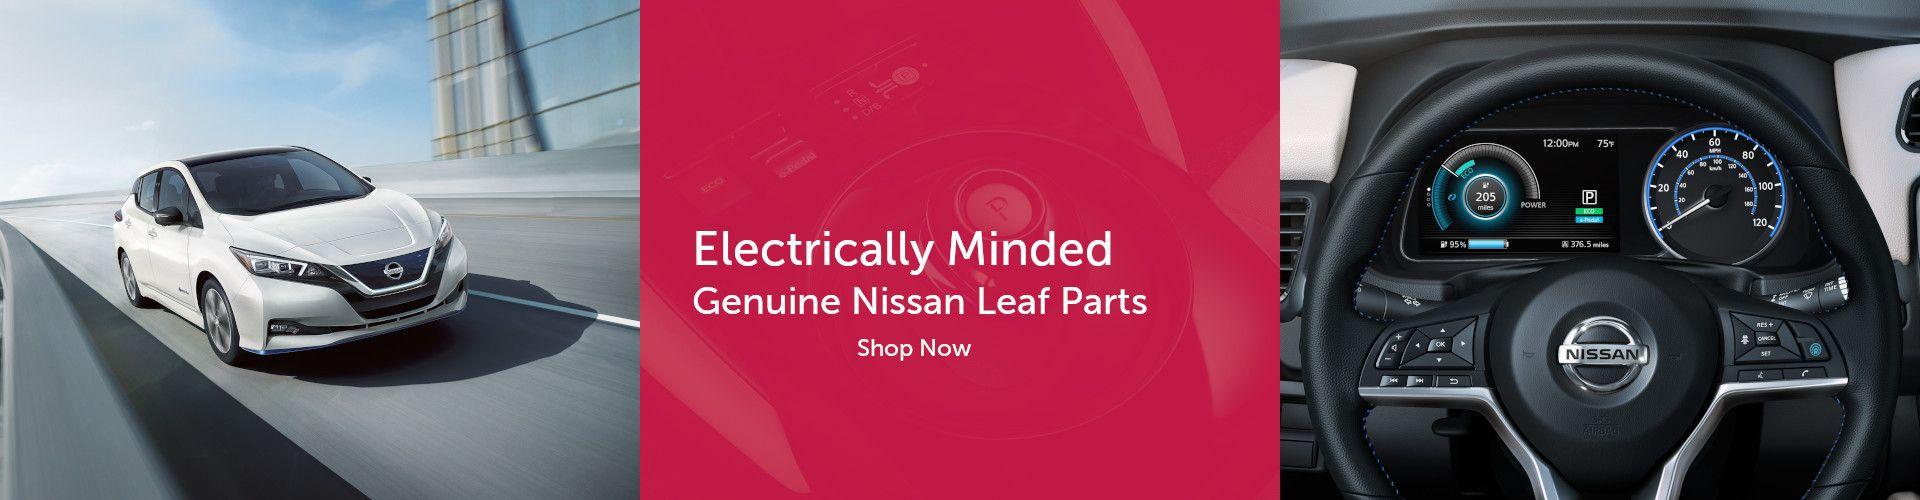 Nissan Leaf Parts